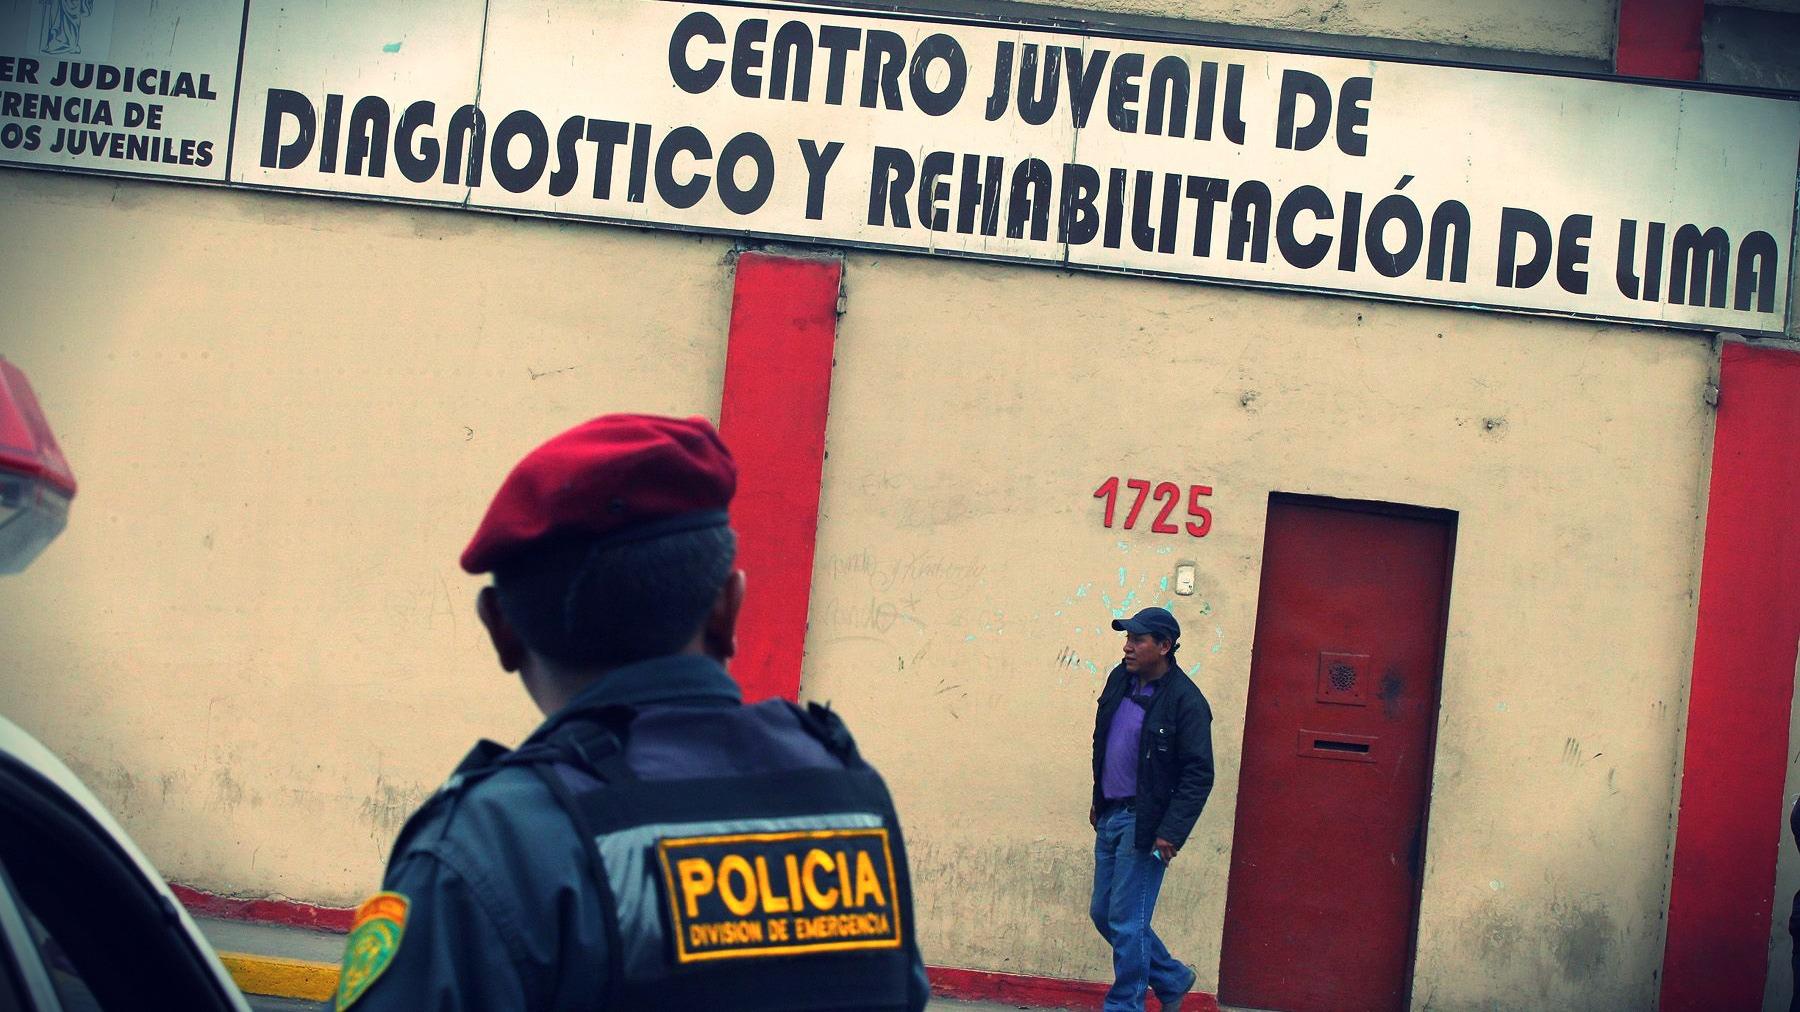 Julio Magán alertó de la falta de infraestructura adecuada. 'Maranguita' tiene capacidad para albergar a 560 personas, pero tiene 900 internos según un reporte del INPE.